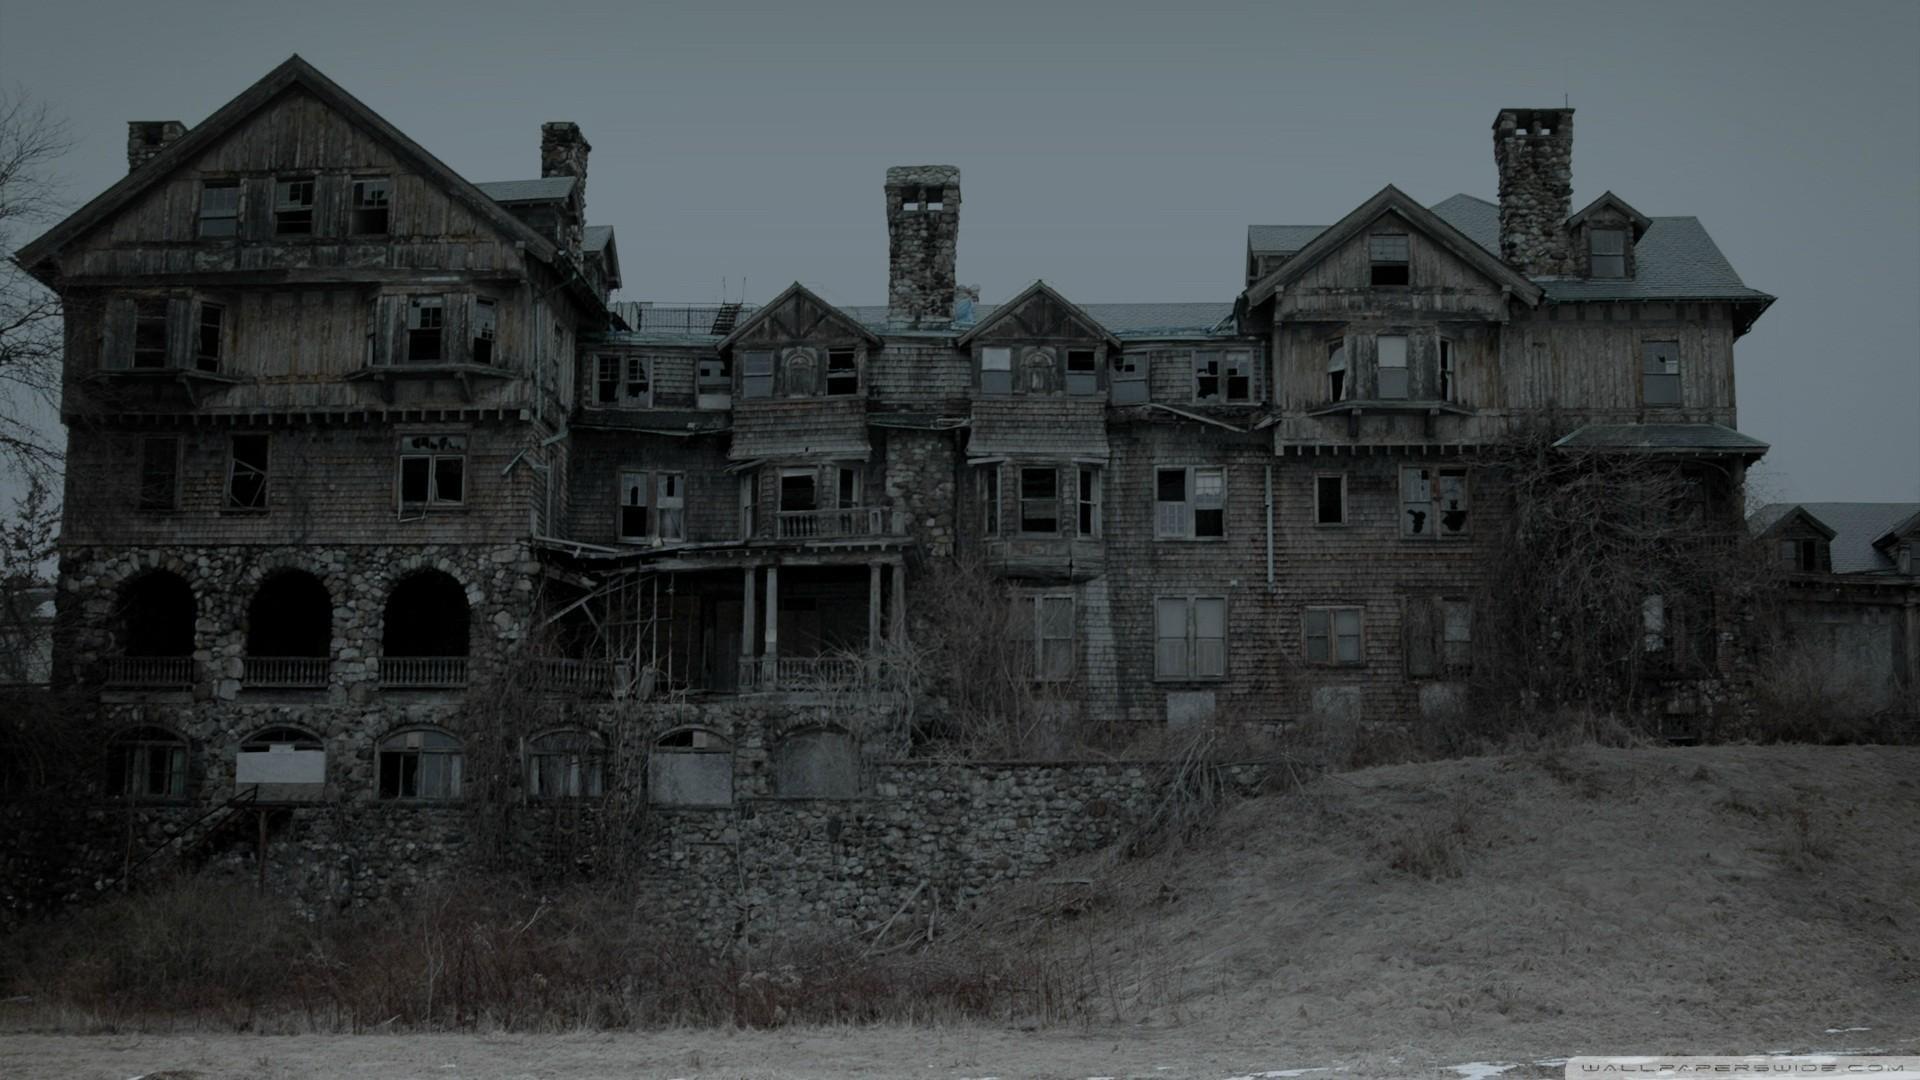 Abandoned House. - Imgur